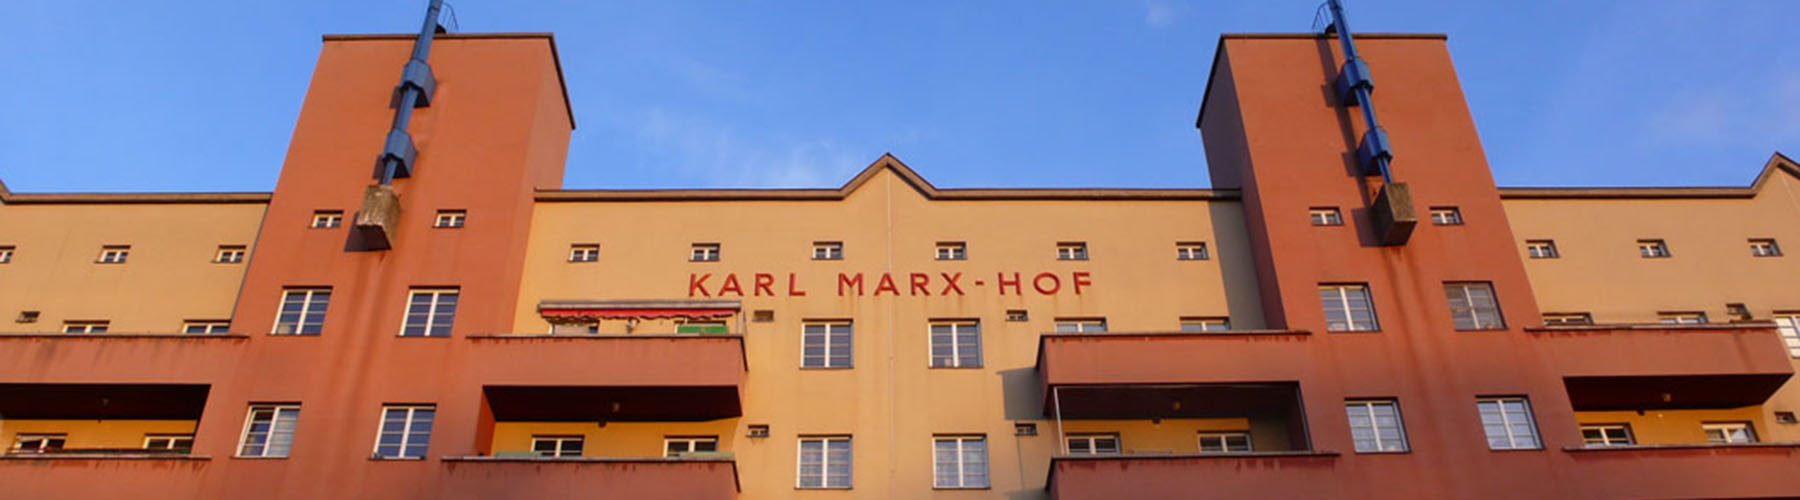 Wien - Hostels nahe Karl Marx-Hof. Wien auf der Karte. Fotos und Bewertungen für jedes Hostel in Wien.